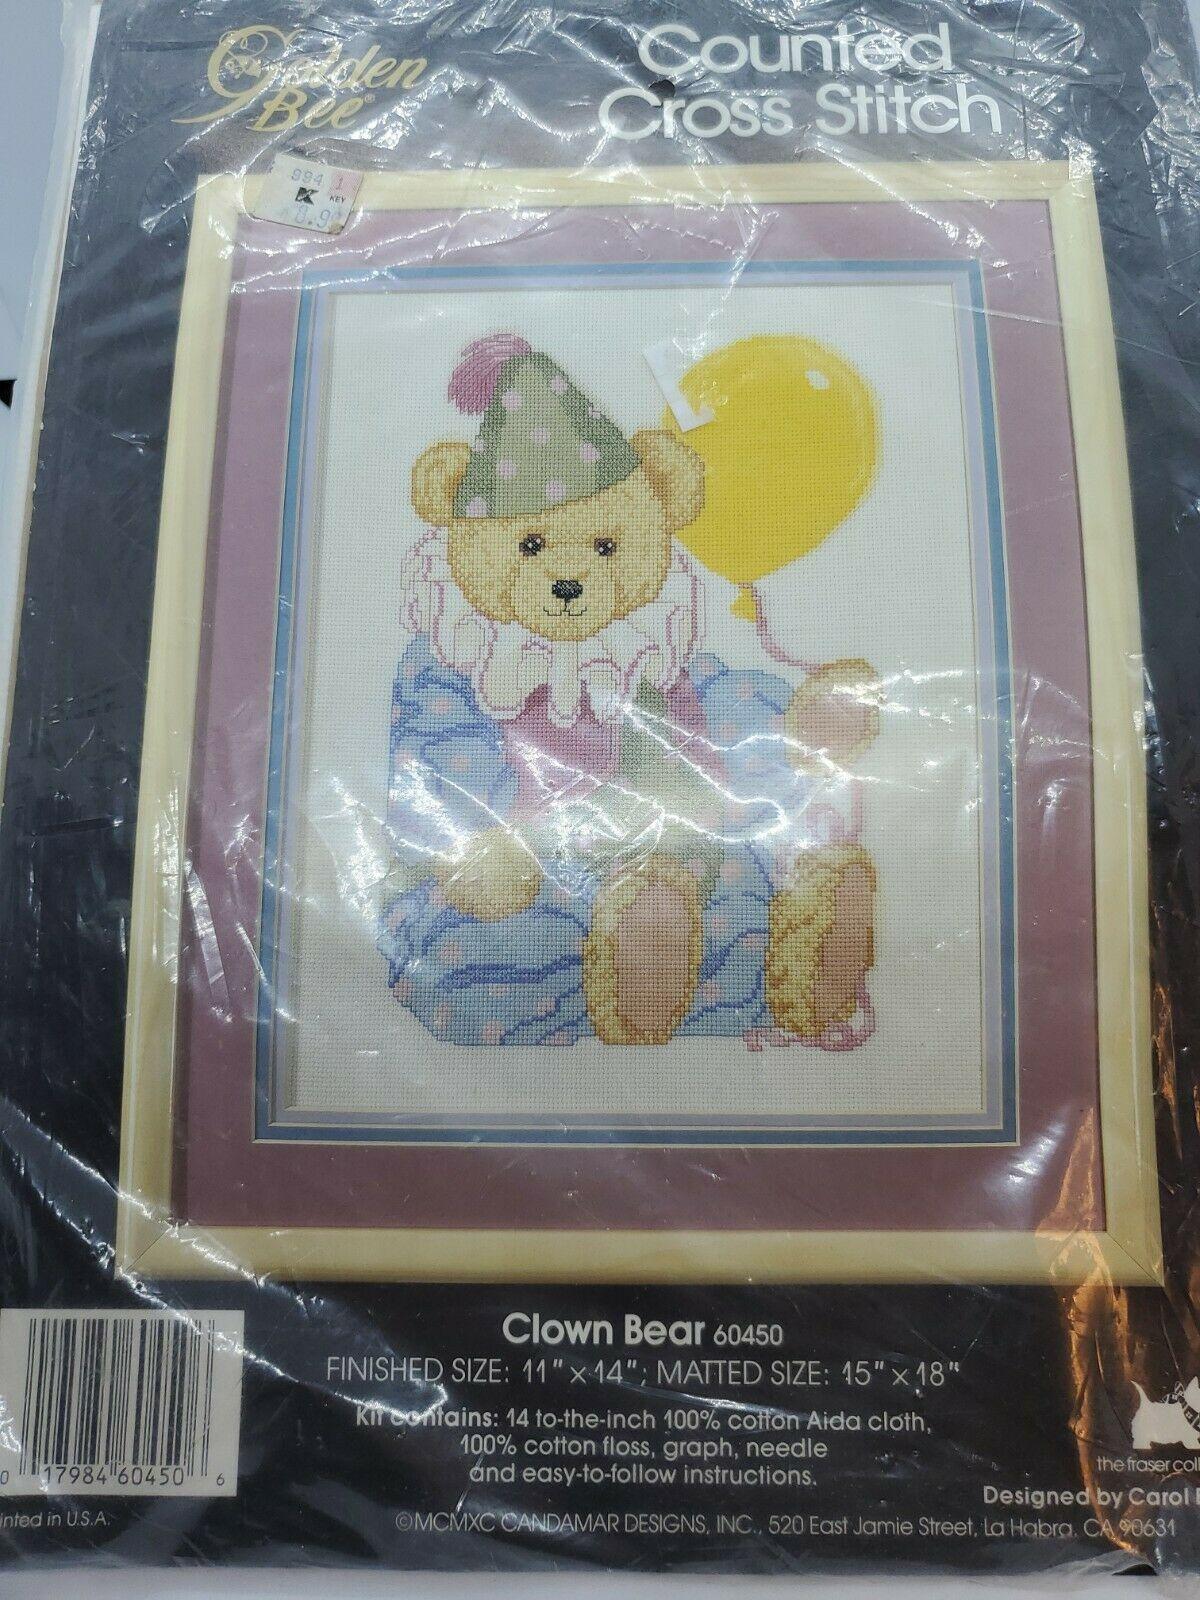 """Golden Bee Counted Cross Stitch Kit """"Clown Bear""""11x14 New Pattern, Floss - $12.59"""